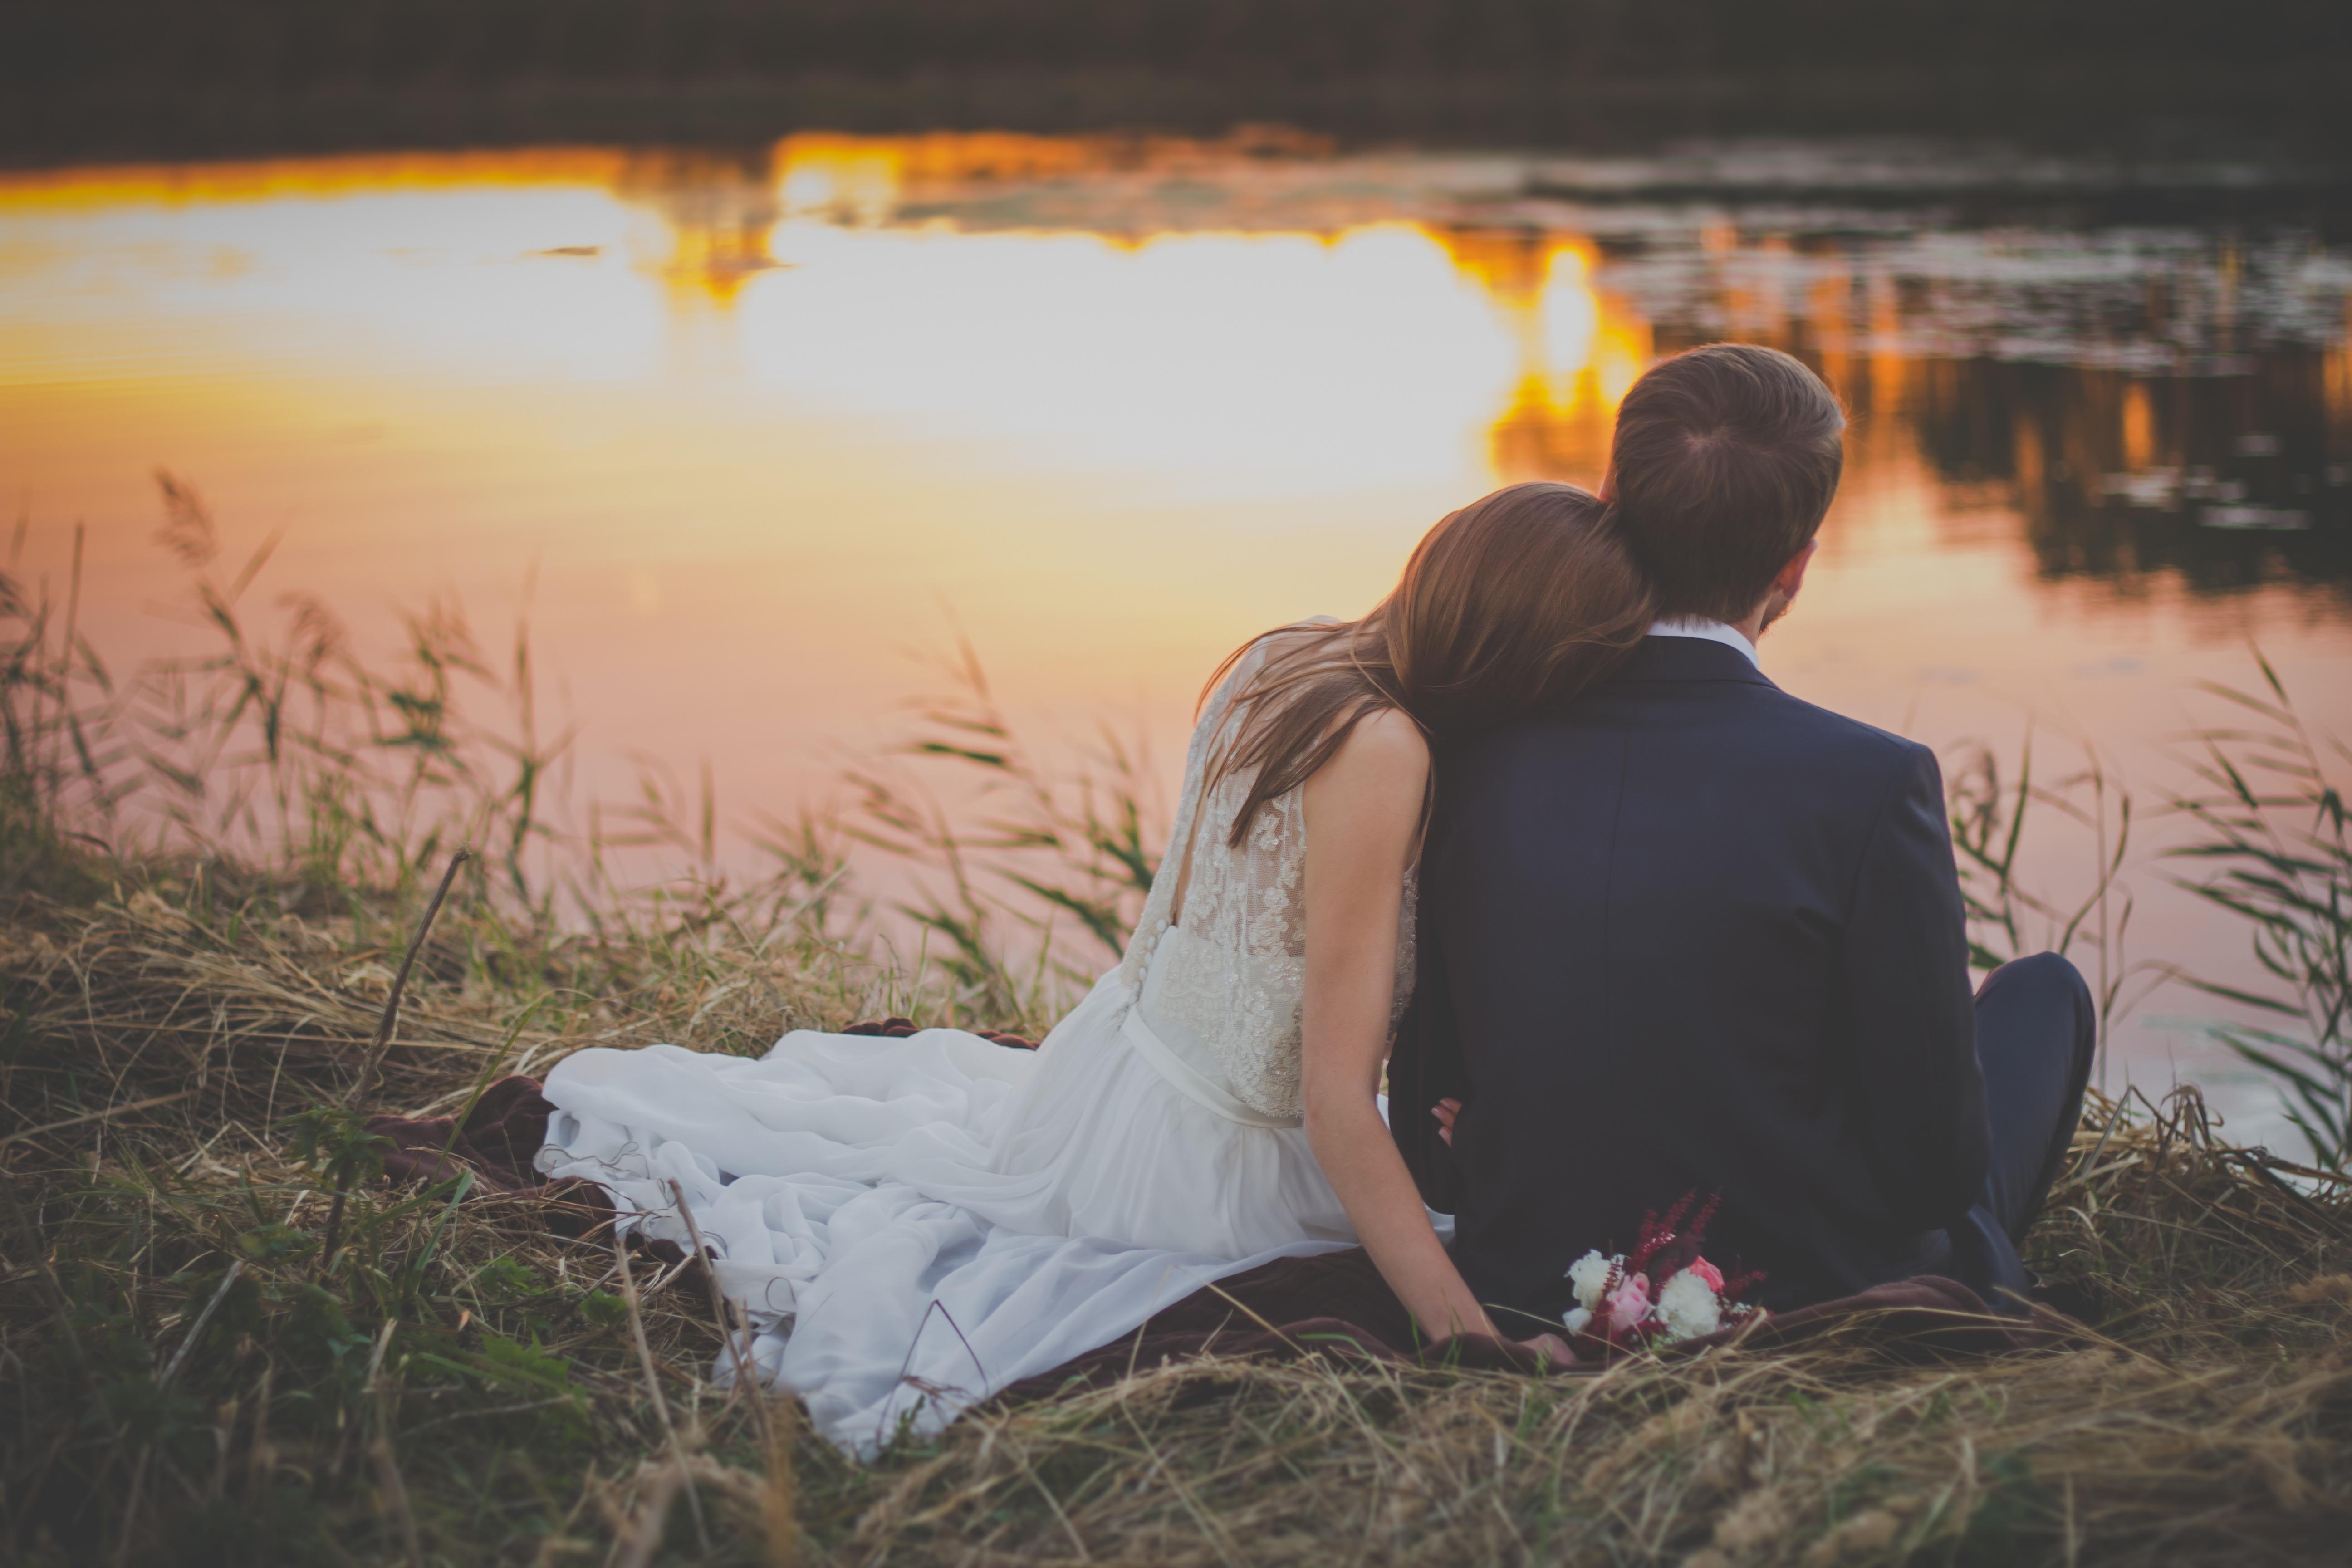 Картинка о романтике мужчины и женщины